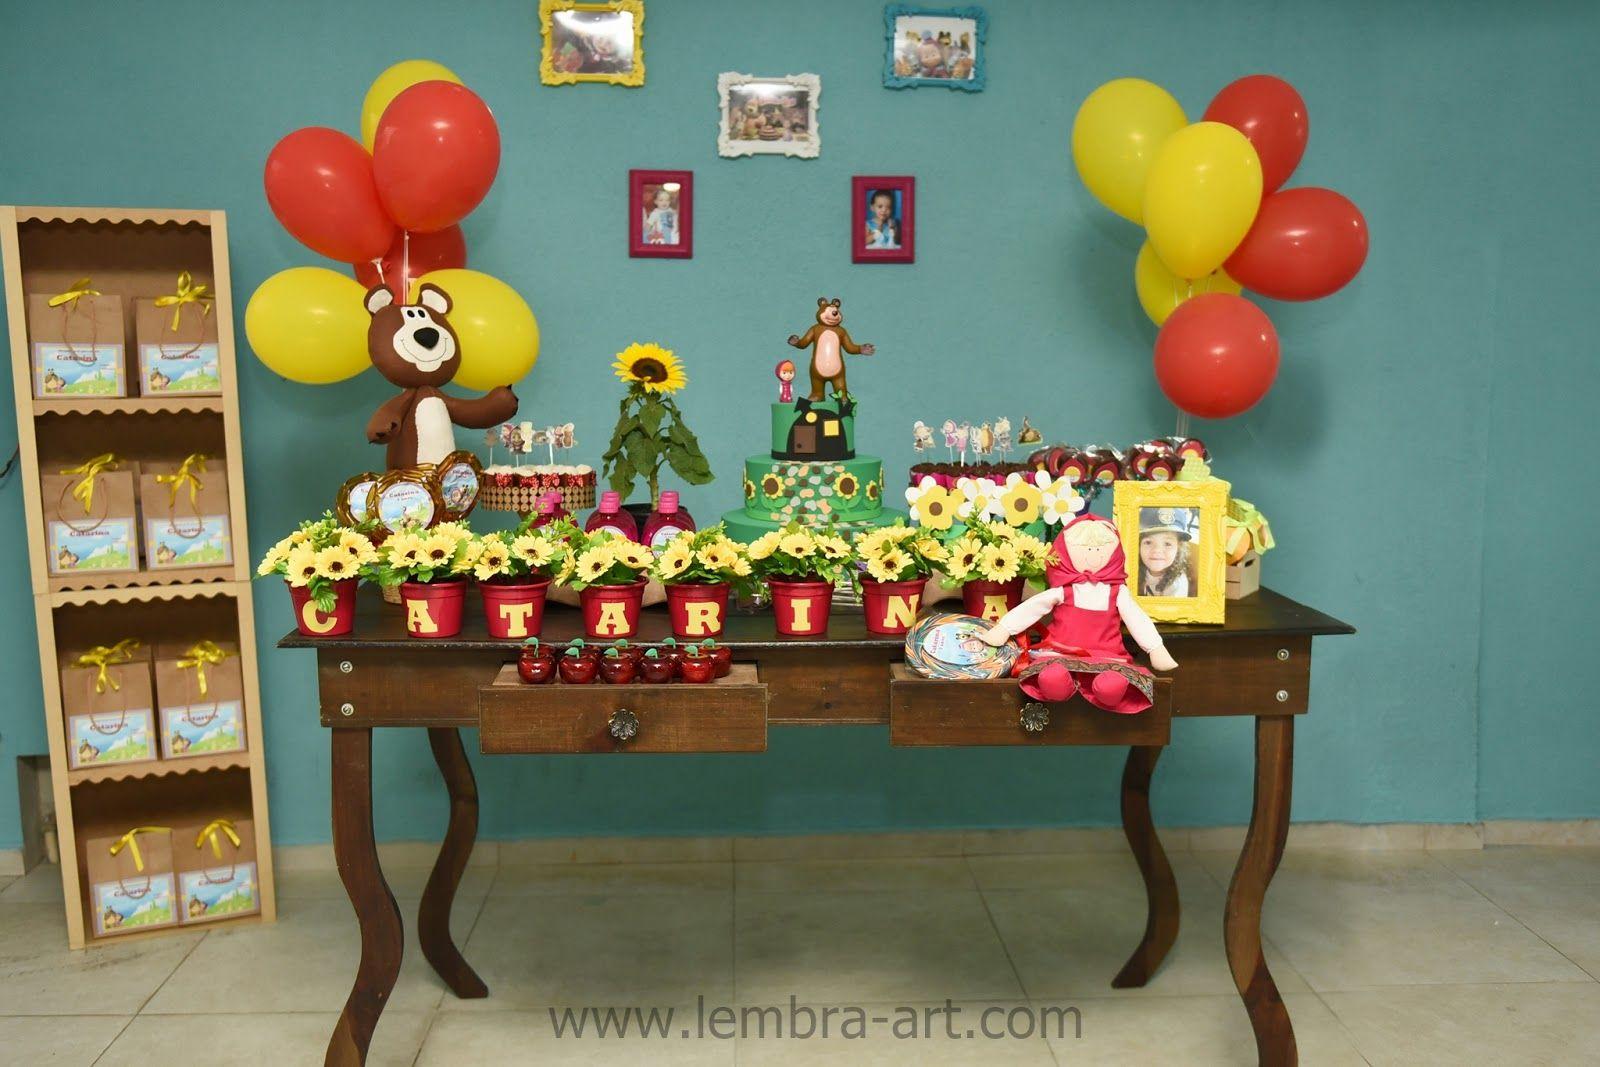 Festa de aniversário simples 3 anos